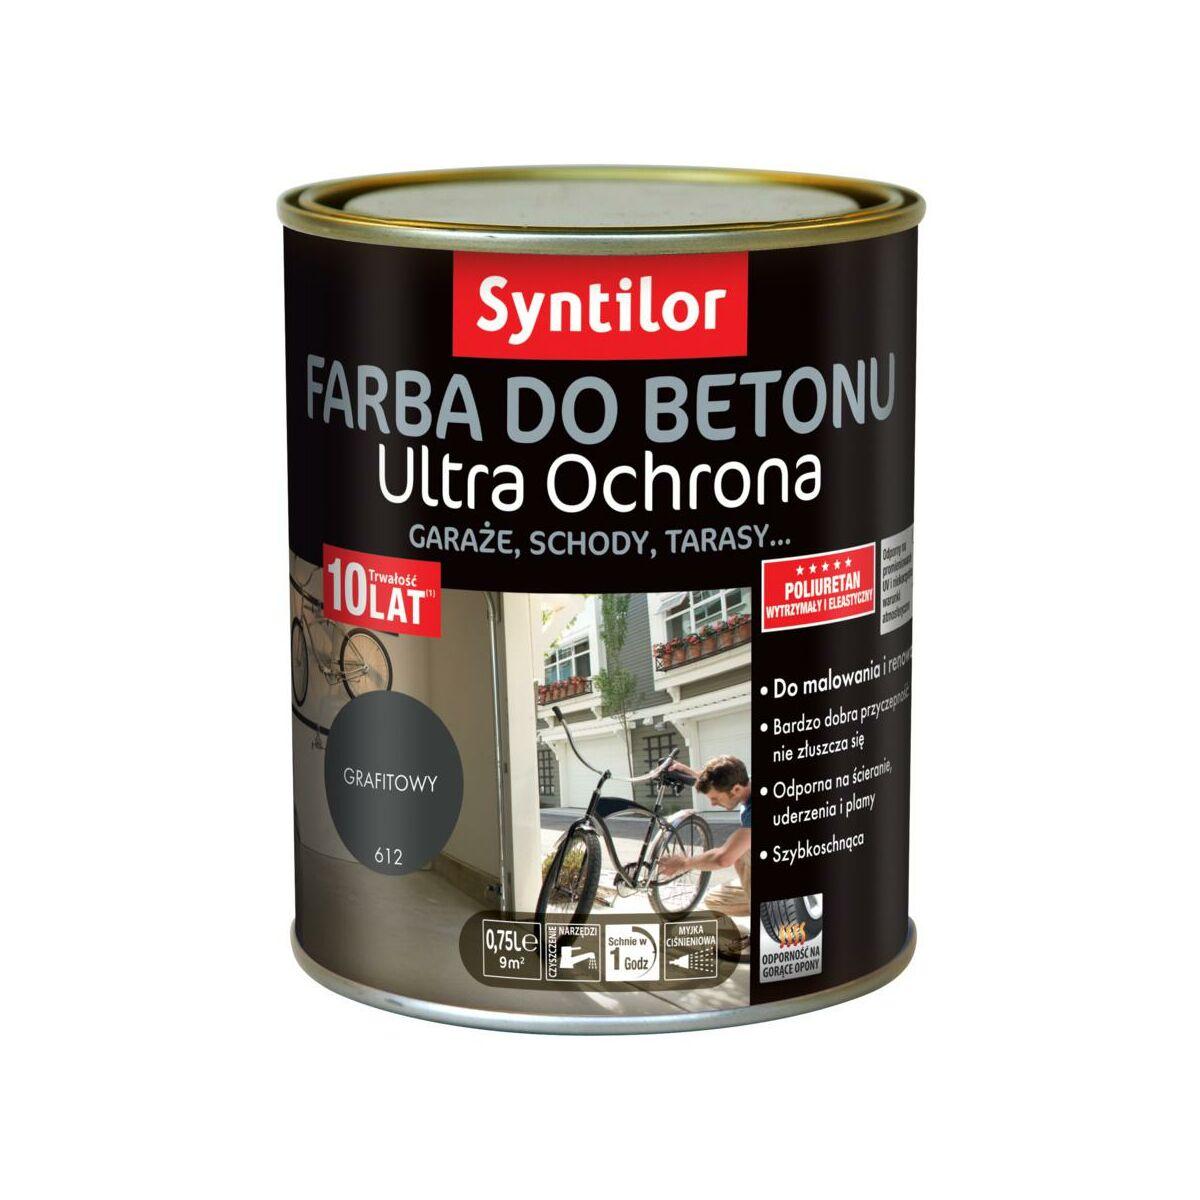 Farba Do Betonu Ultra Ochrona 0 75 L Grafitowy Syntilor Farby Renowacyjne W Atrakcyjnej Cenie W Sklepach Leroy Merlin